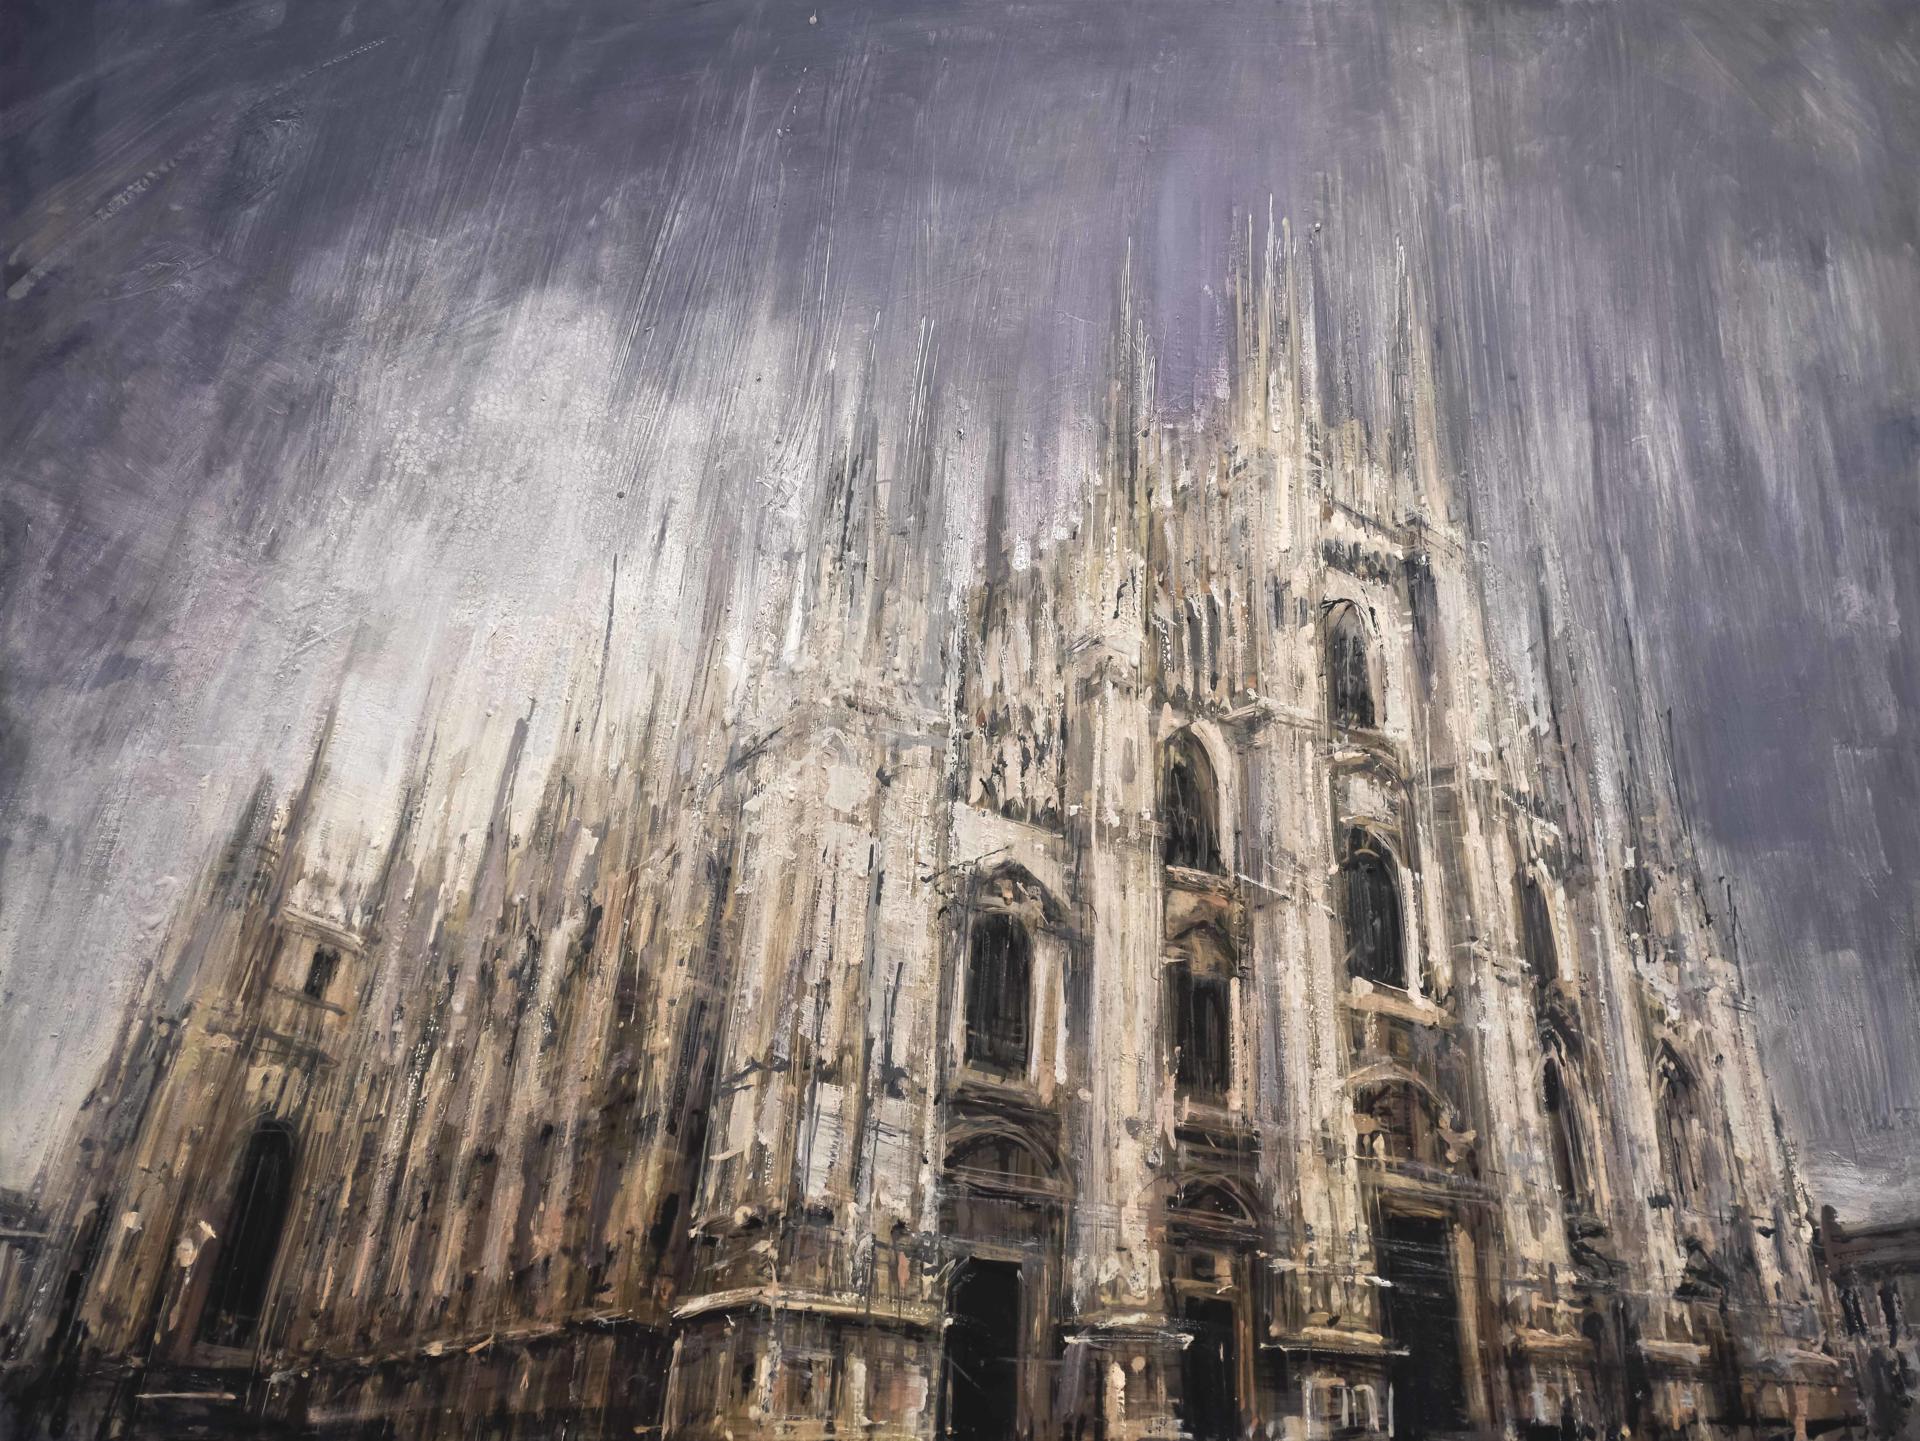 Duomo di Milano by Valerio D'Ospina